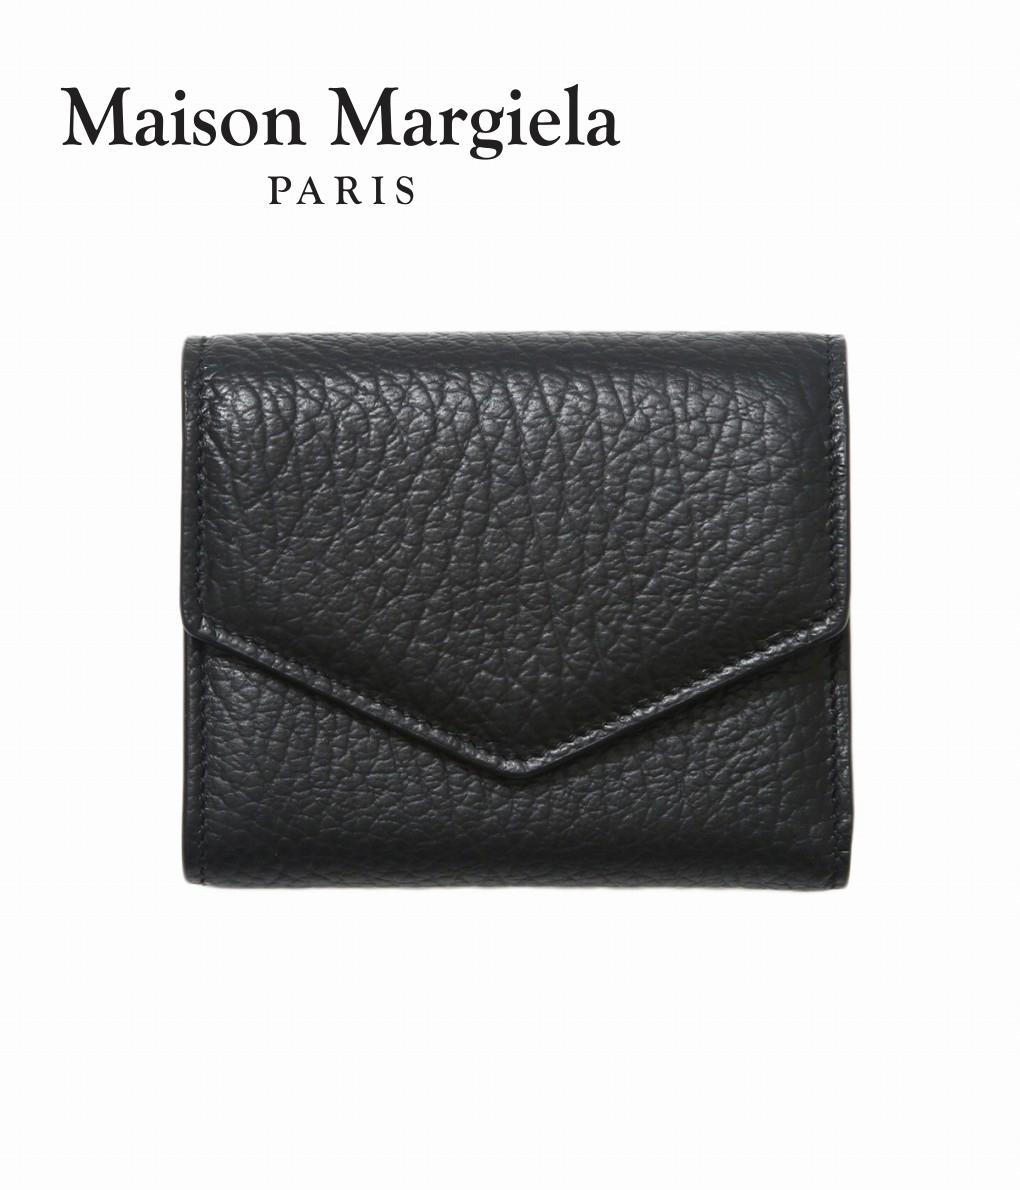 ■【予約商品 2020年8月~11月入荷予定】Maison Margiela / メゾン マルジェラ : LEATHER WALLET : レザーウォレット レザーサイフ 三つ折り 革財布 : S56UI0136【RIP】【BJB】【ANN】